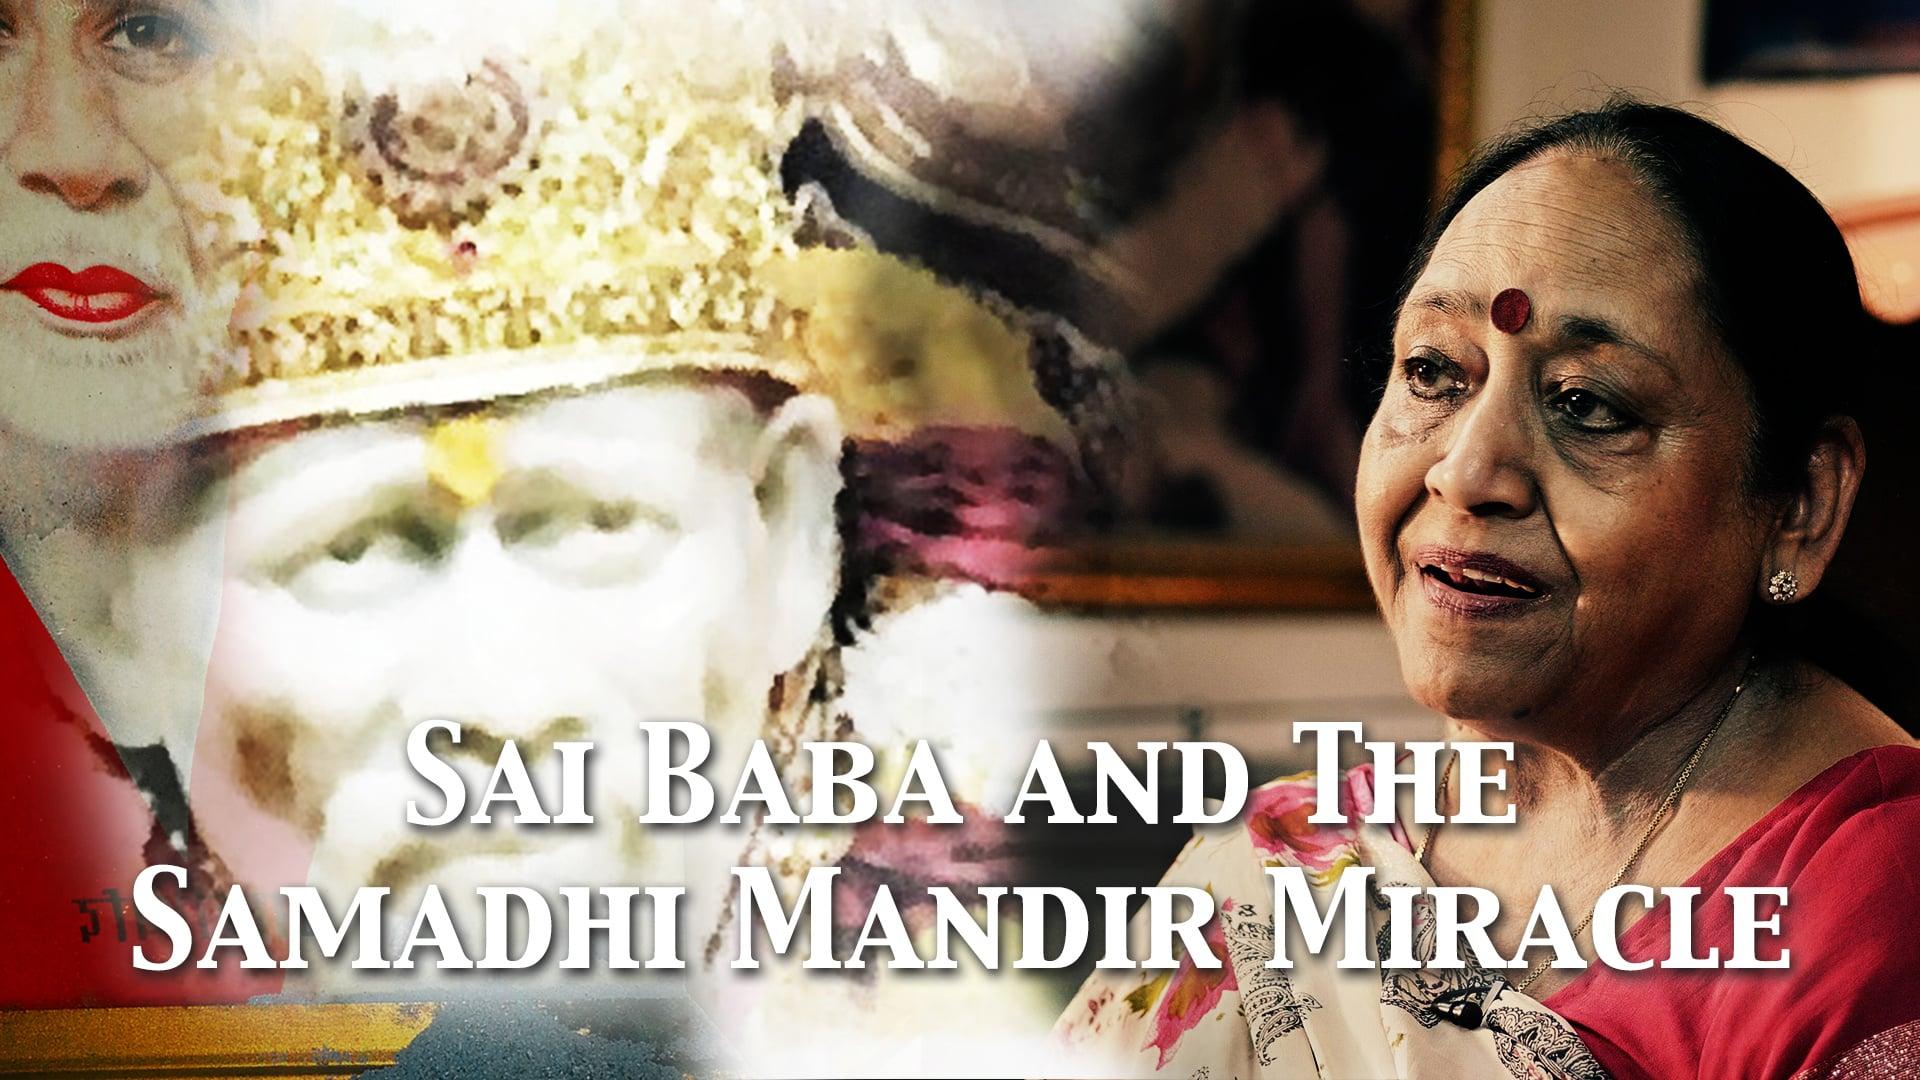 Sai Baba and the Samadhi Mandir miracle